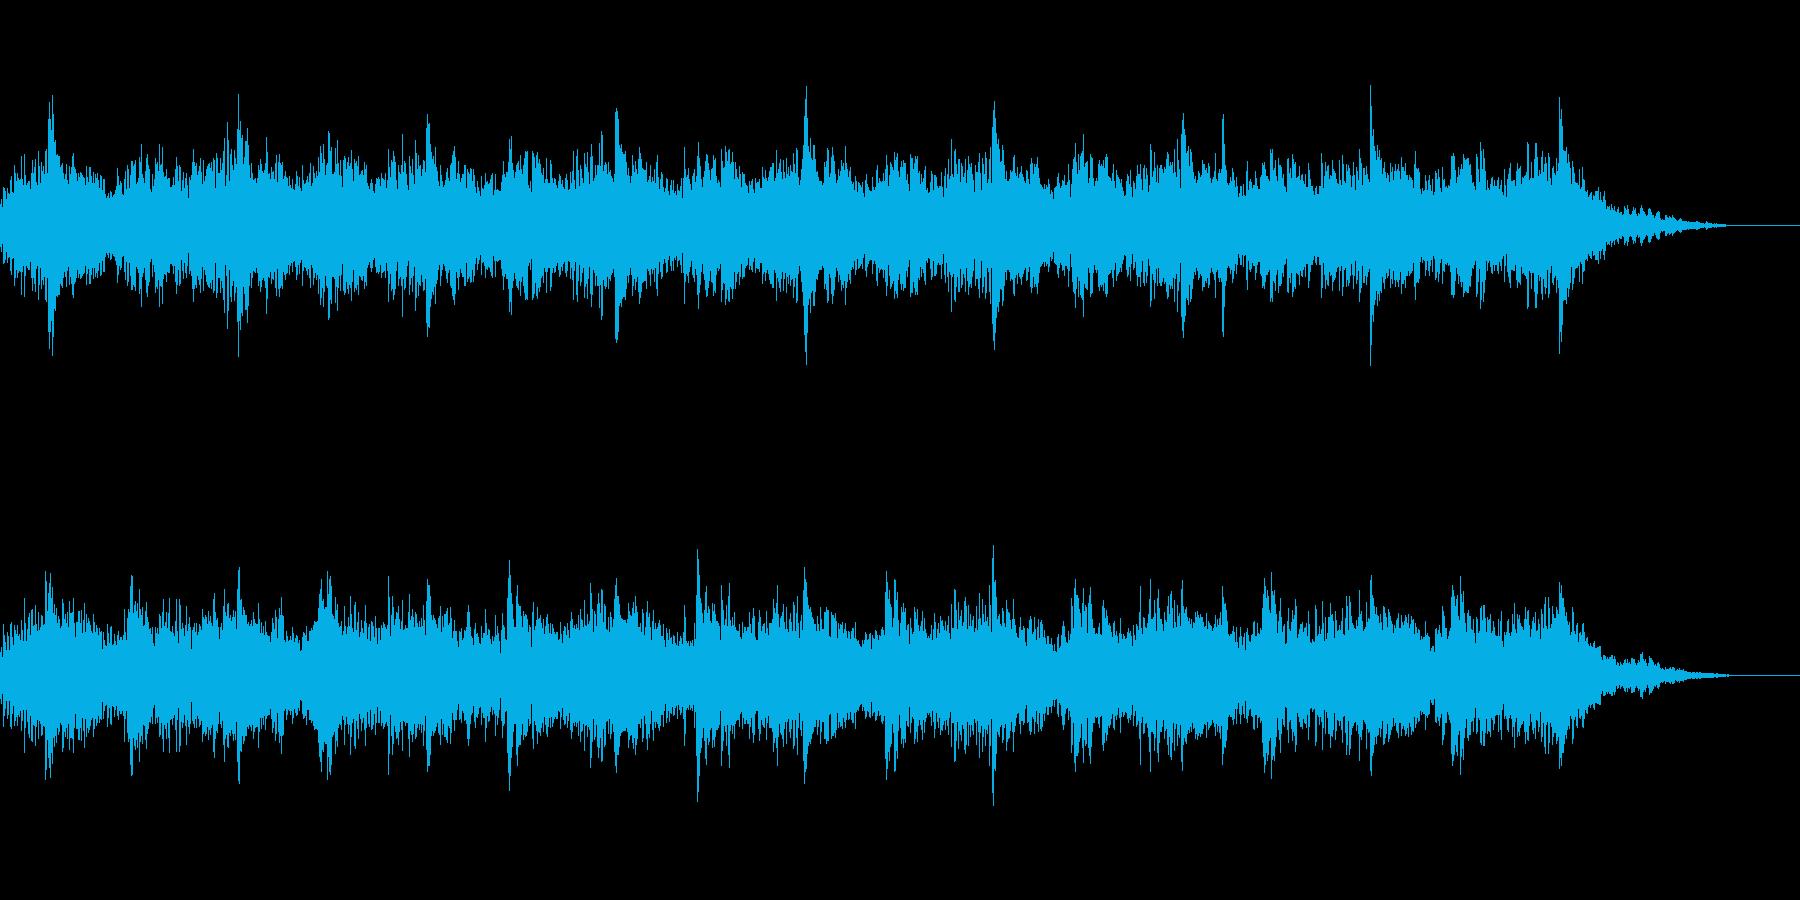 シンプルなピアノのフレーズの繰り返しですの再生済みの波形